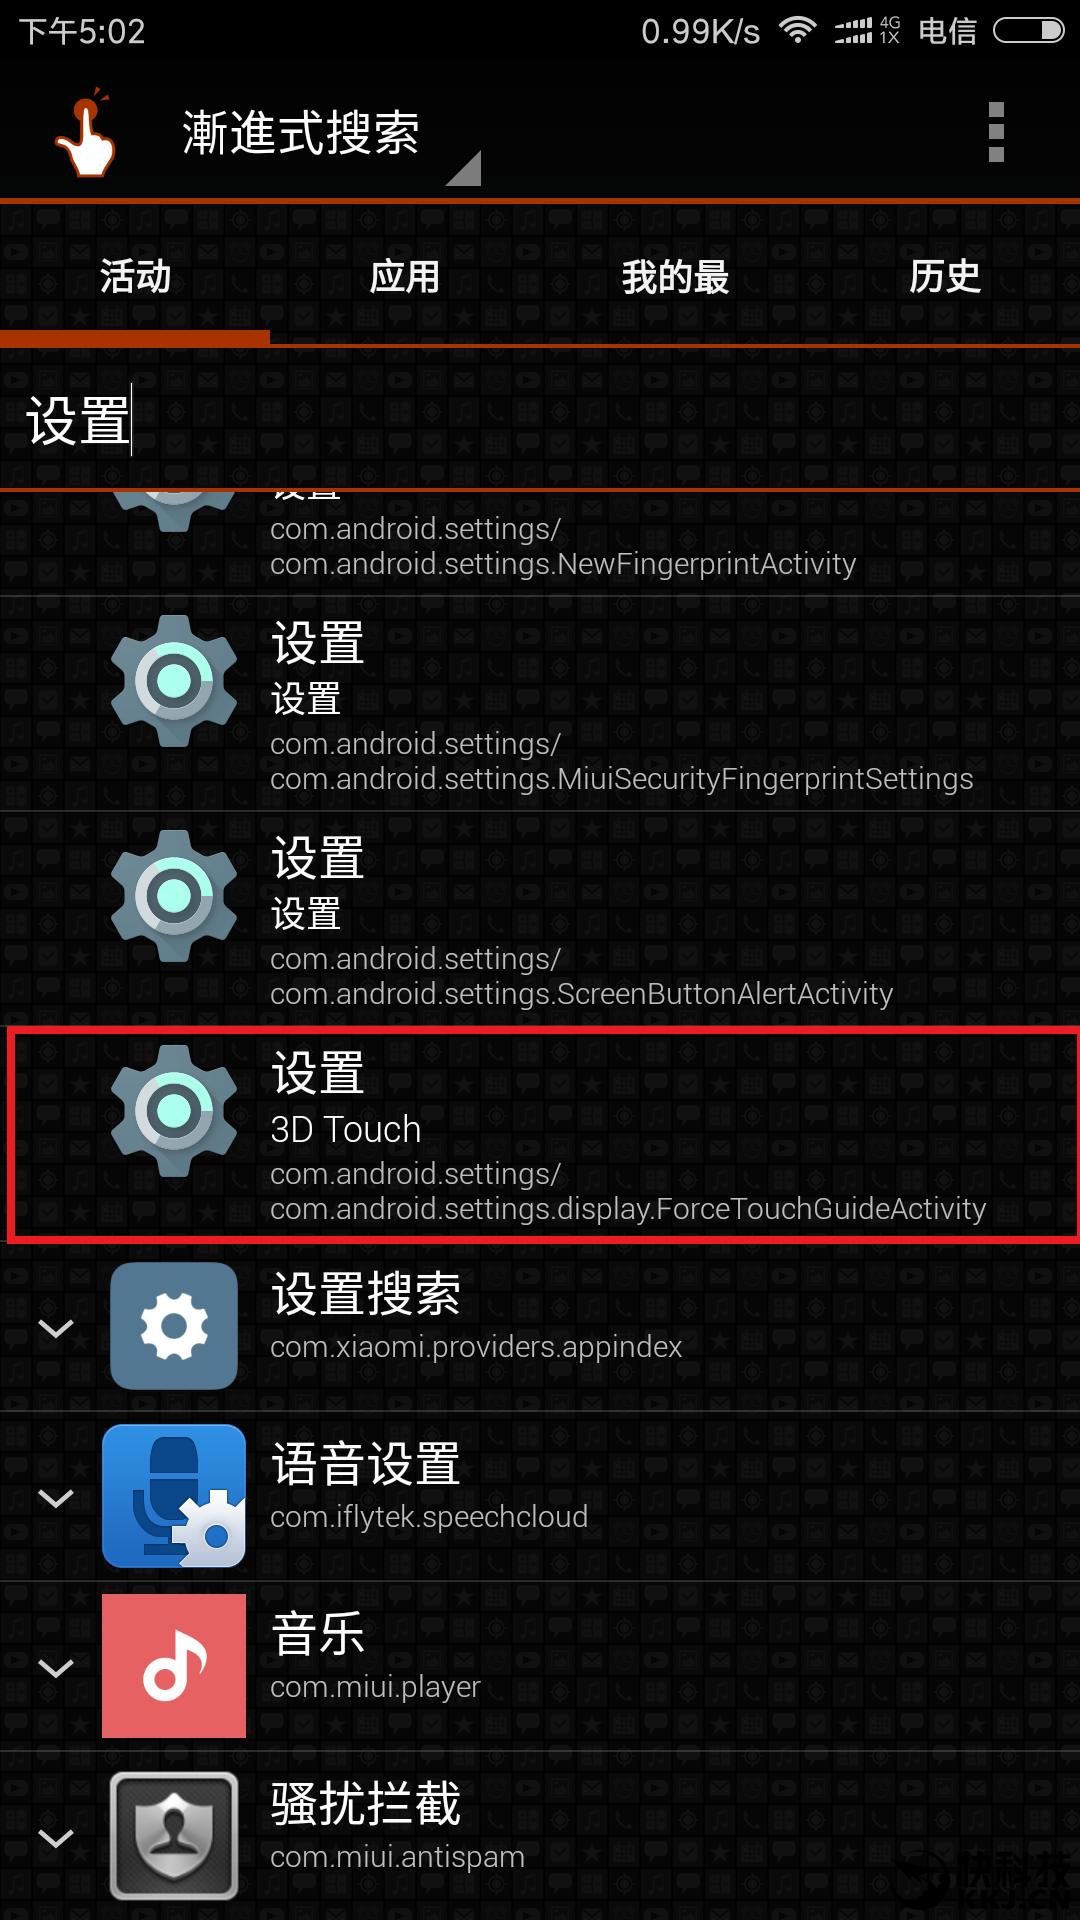 Xiaomi 3D Touch